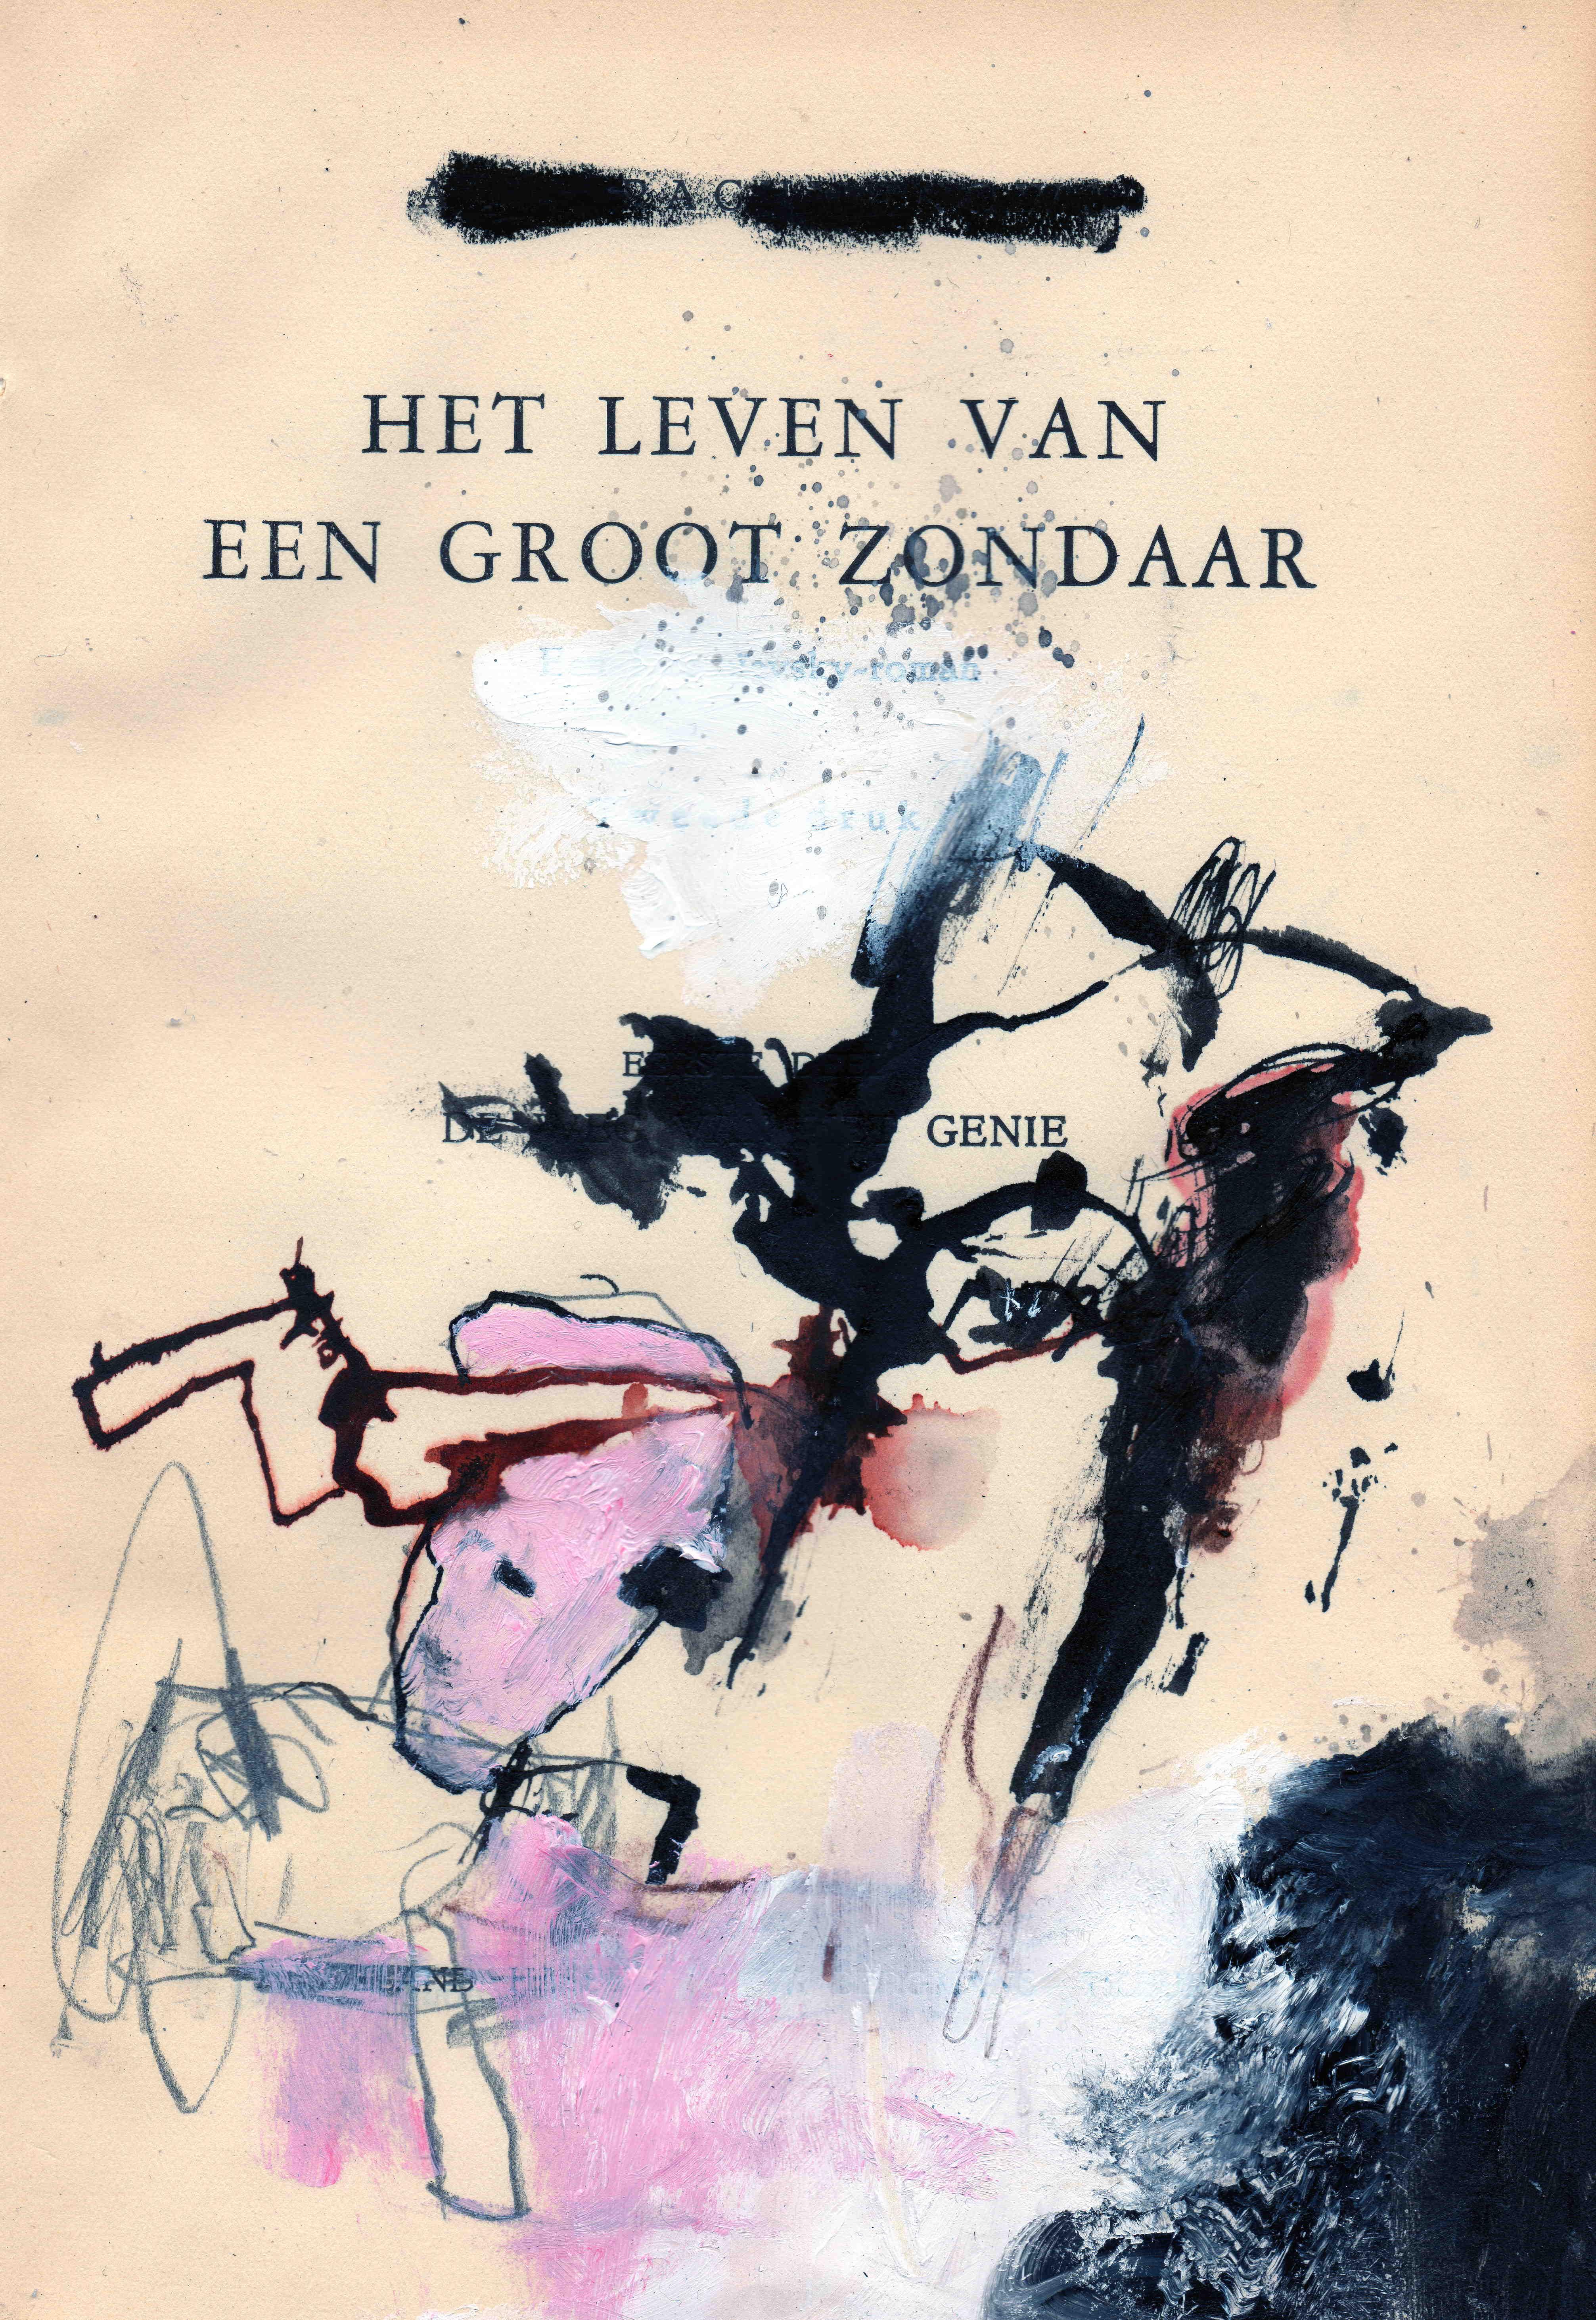 Het leven van een groot zondaar (genie), mixed media on paper, 14,6 x 21 cm, 2020 MH11